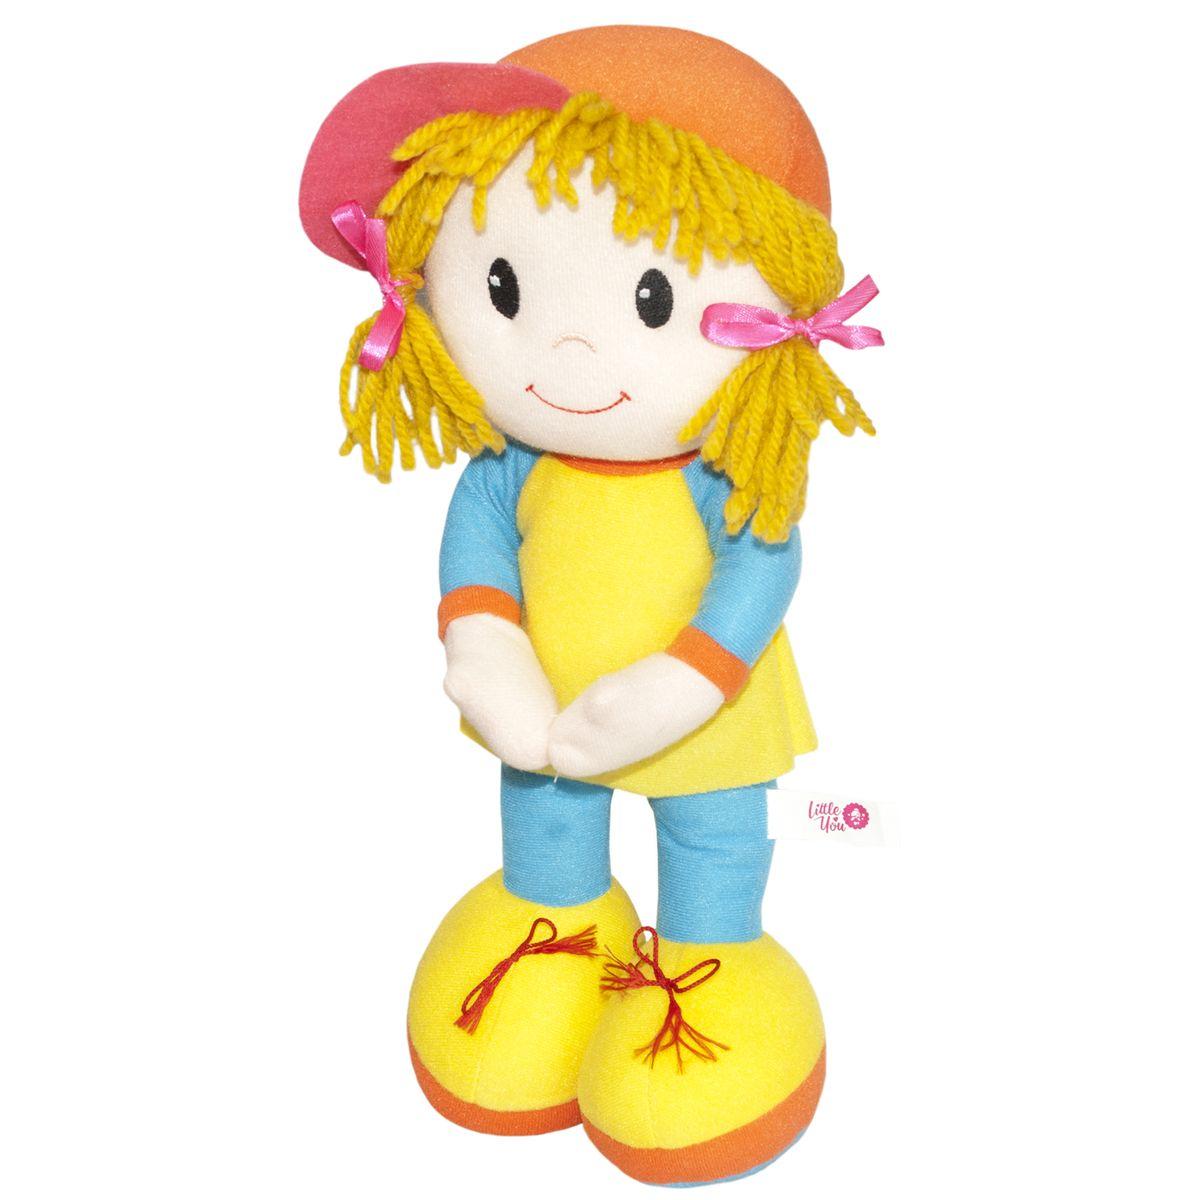 Фото - Little You Мягкая кукла Кейт цвет одежды голубой желтый little you мягкая кукла кейт цвет одежды голубой желтый